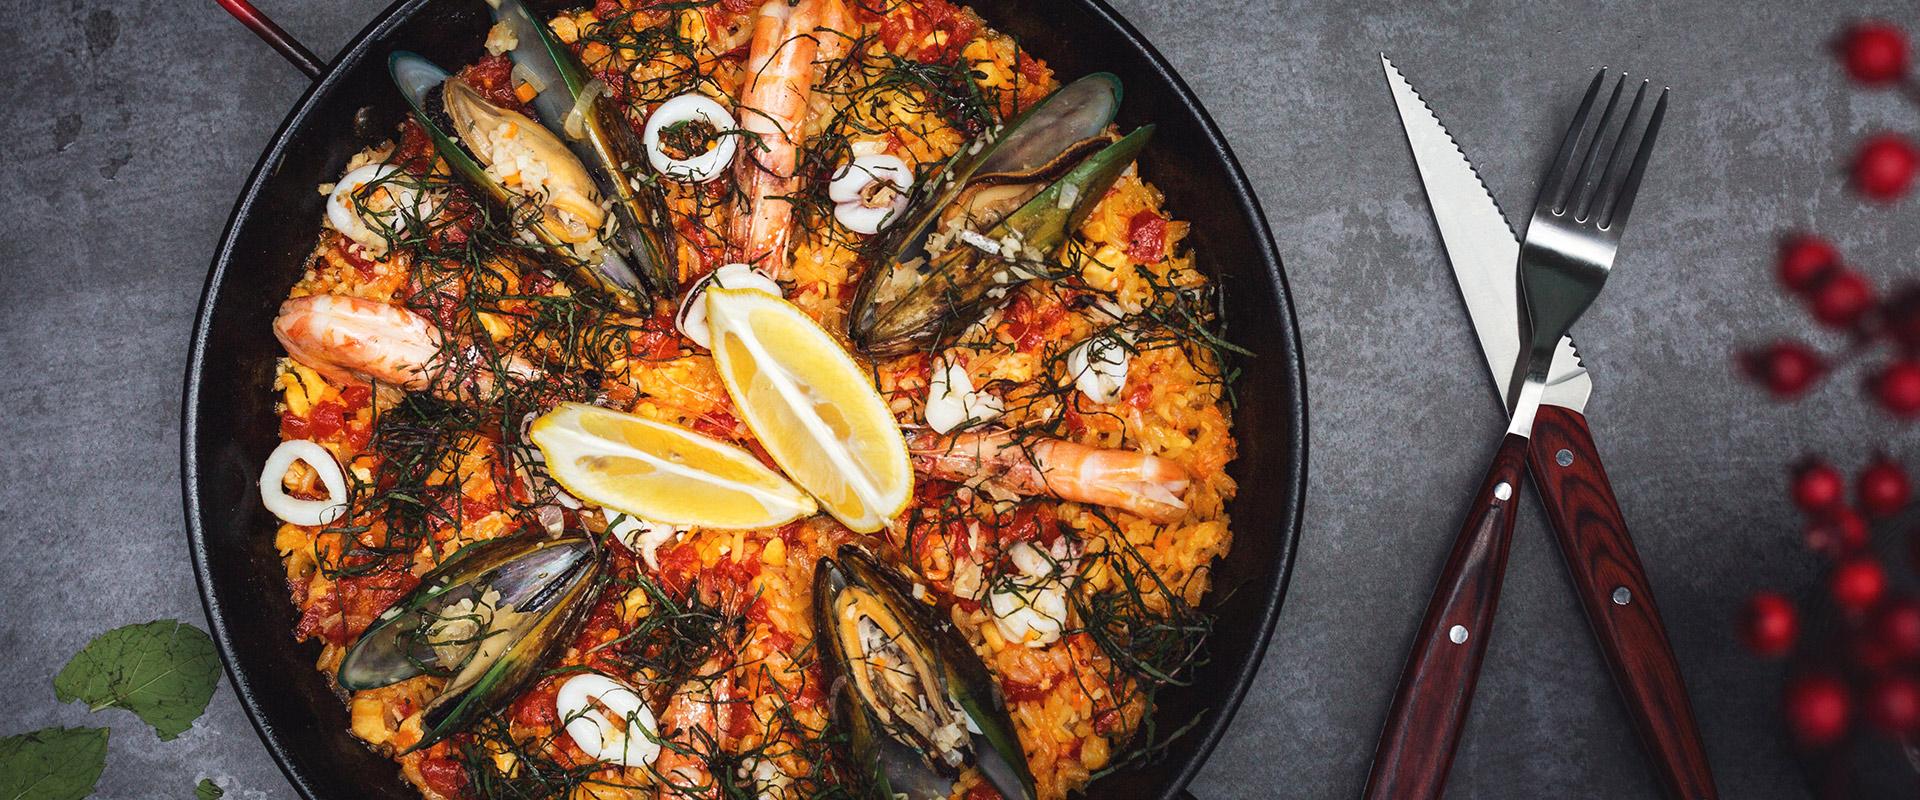 Comida española en tres tiempos y Trio Wines, un maridaje perfecto